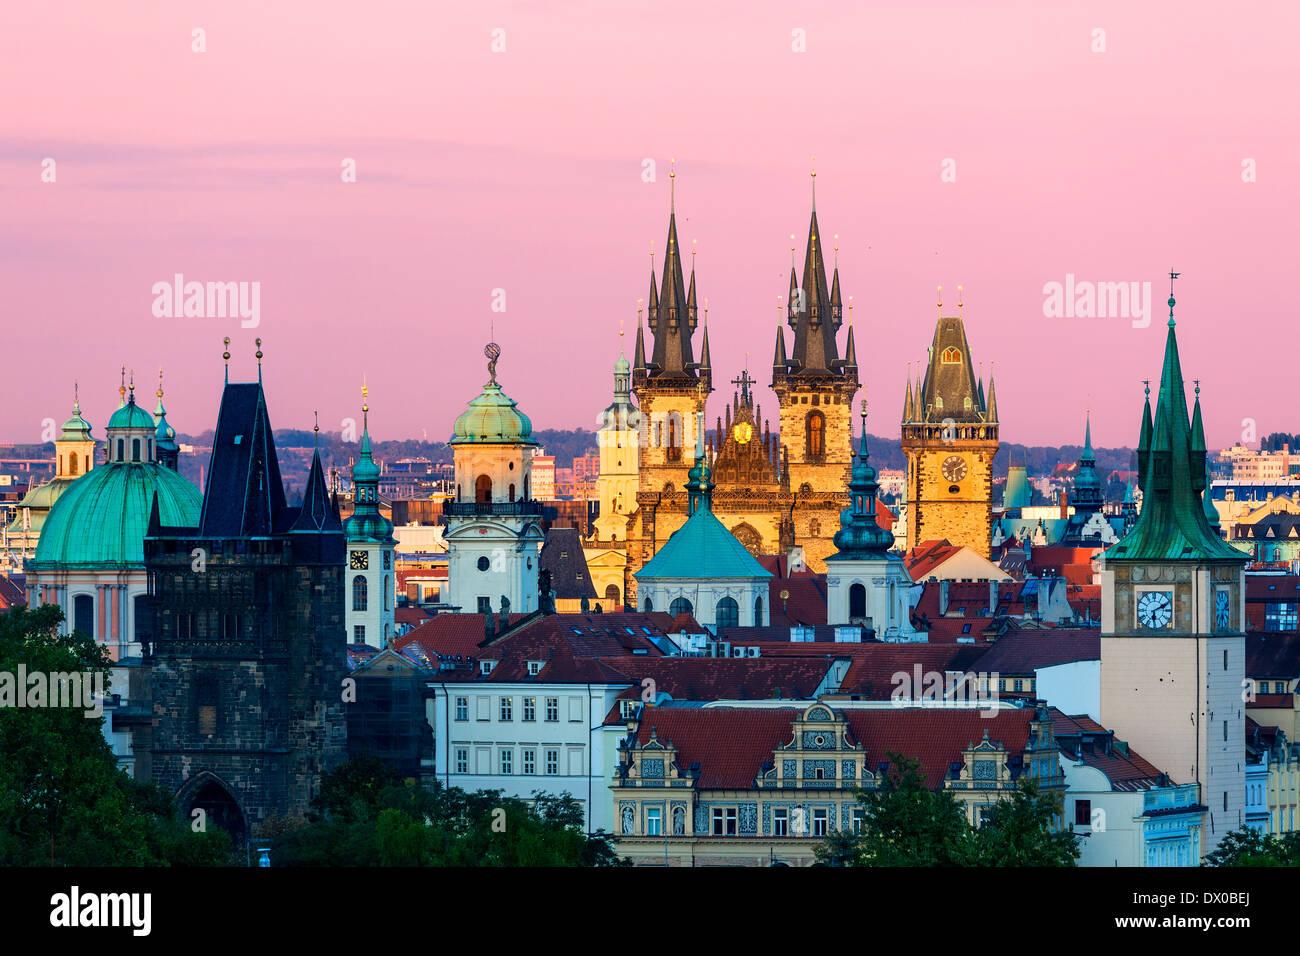 Tschechien, Skyline von Prag in der Abenddämmerung Stockbild